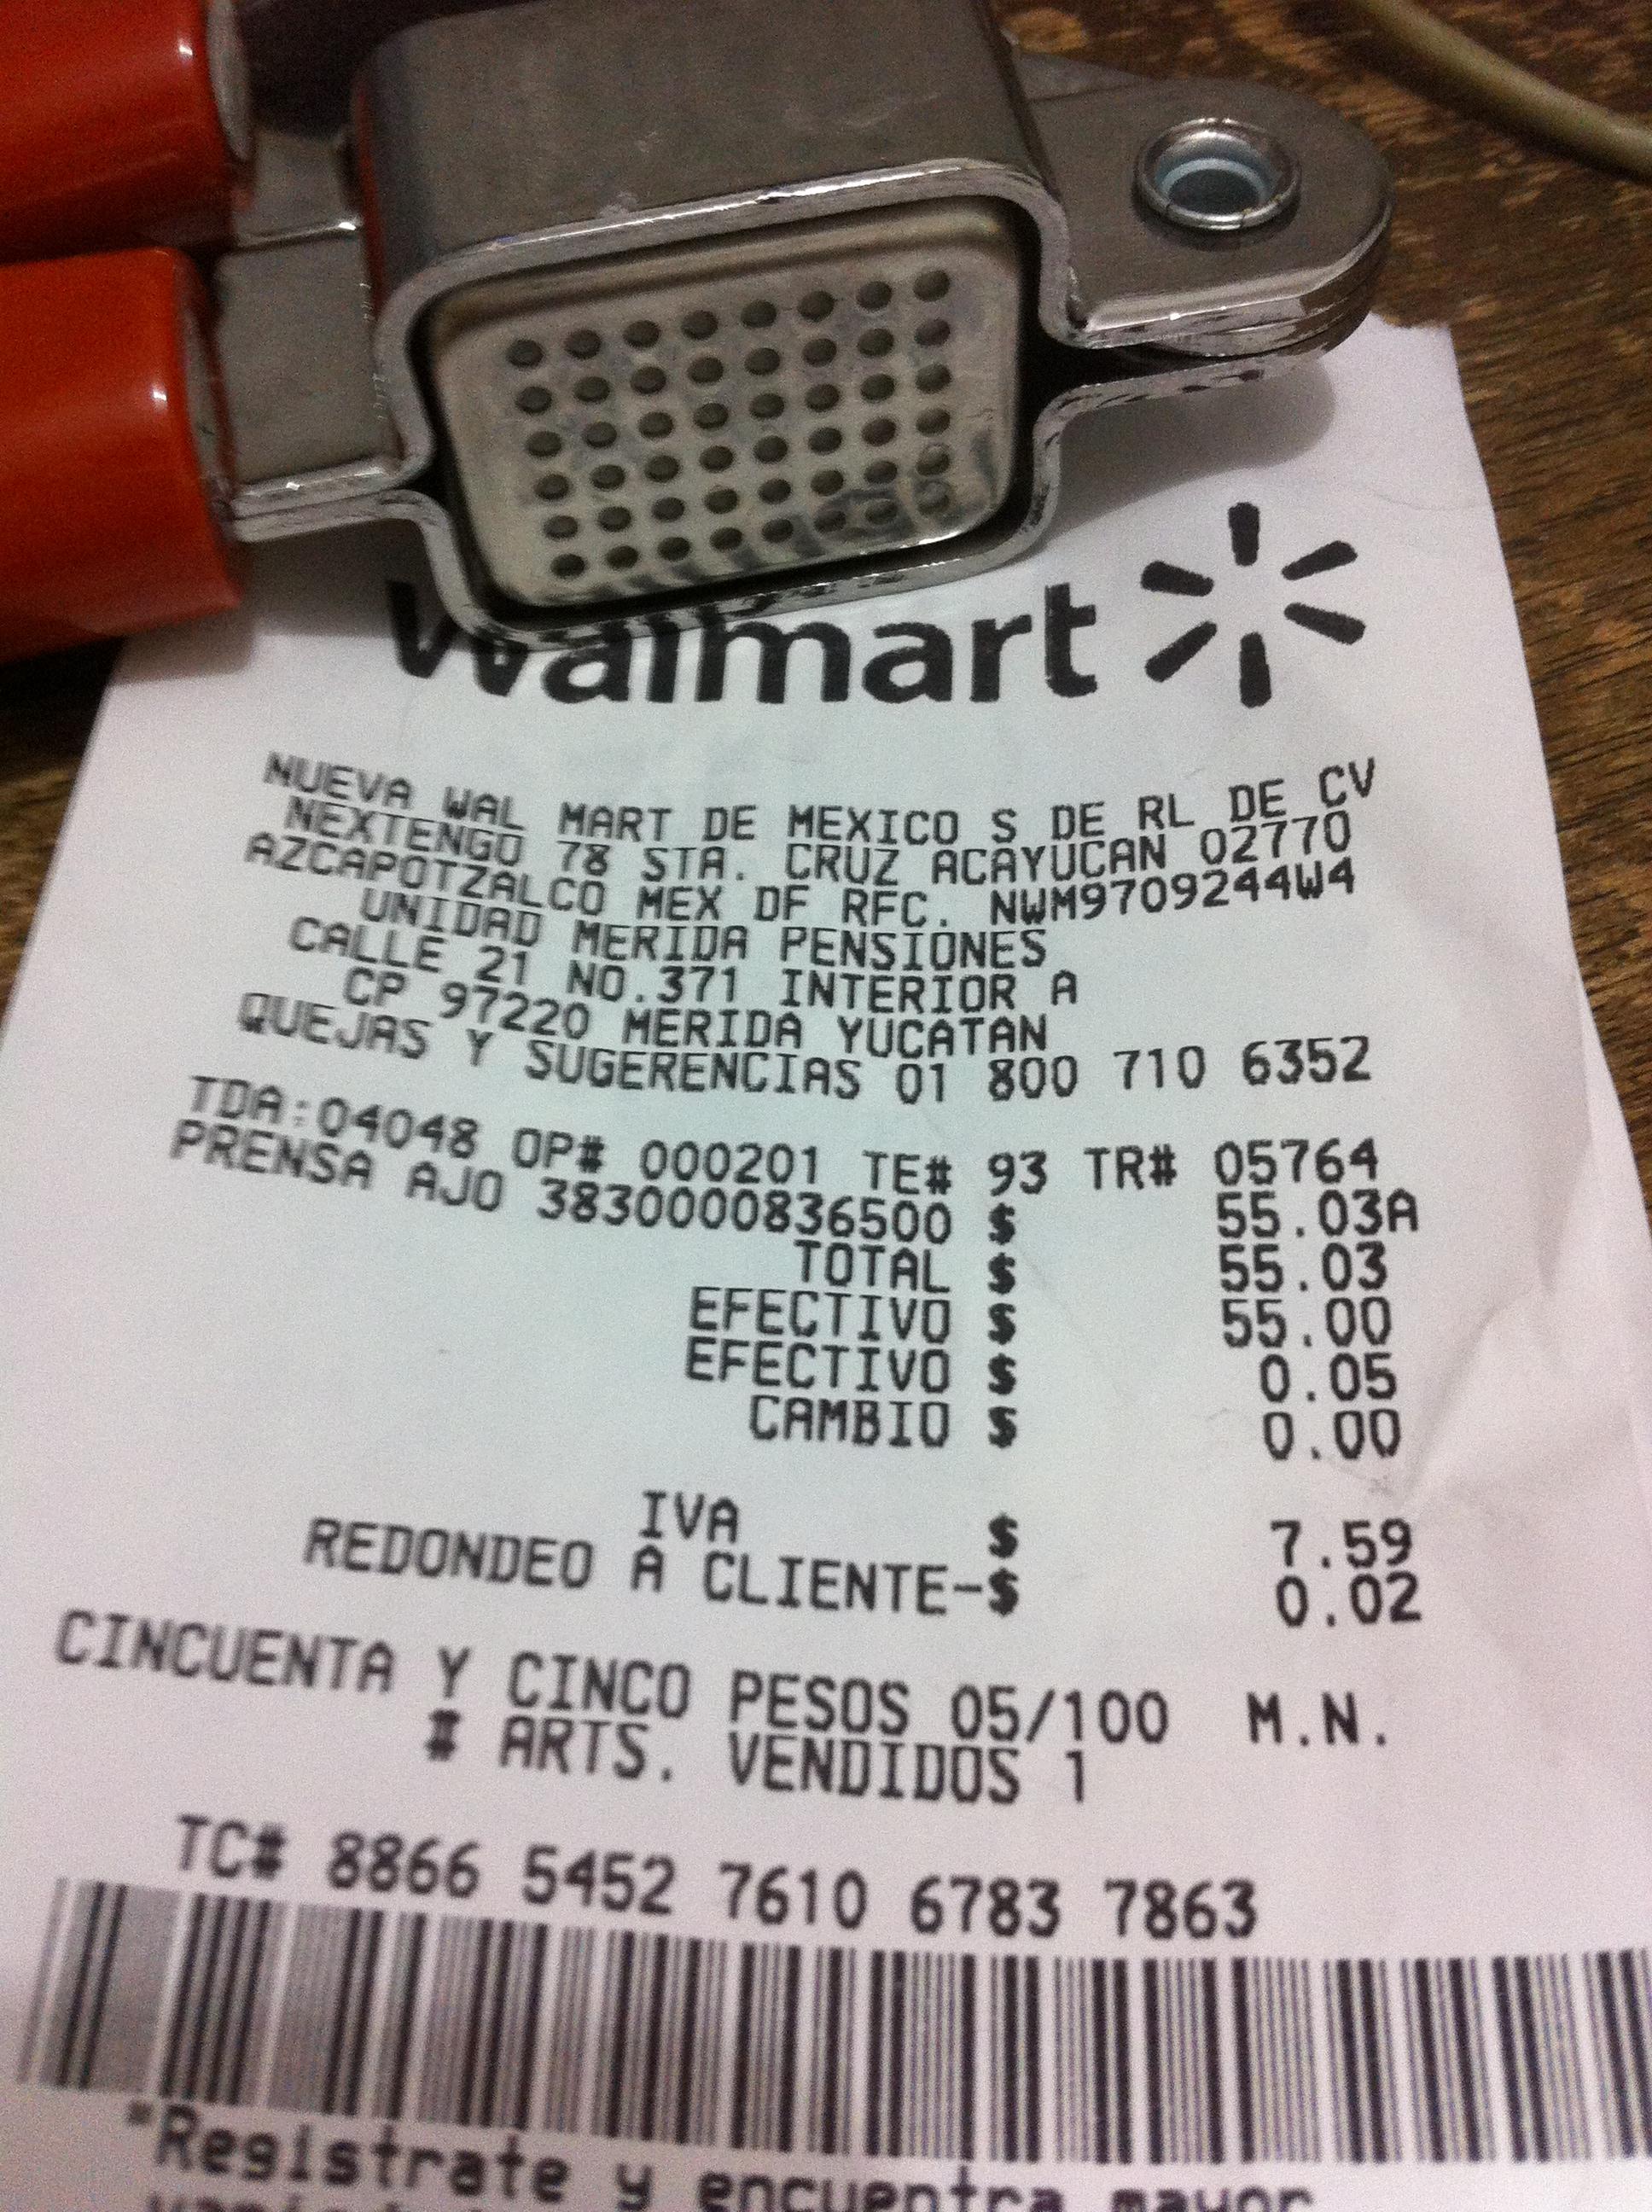 Walmart Merida: Prensa para ajos marca Geor $55.03